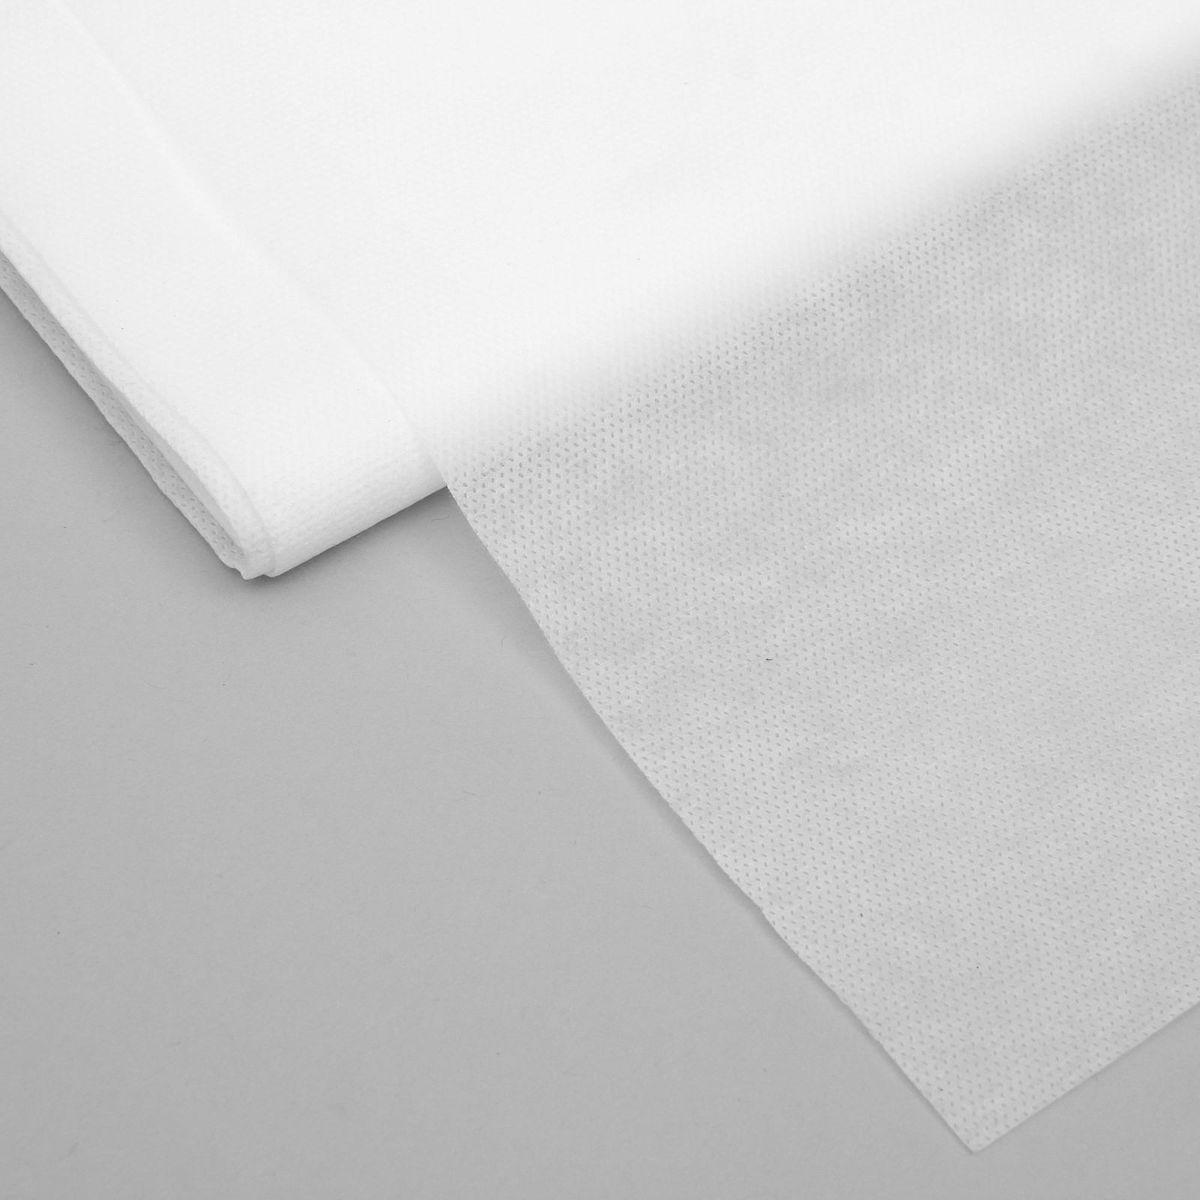 Материал укрывной Агротекс, цвет: белый, 5 х 1,6 м. 14629901462990Агротекс 60 предназначен для укрытия сельскохозяйственных культур на грядках с дугами илибез. При этом побеги не повреждаются по мере развития: они приподнимают материал и растутсвободно. Полотно не образует конденсата, пропускает до 90 % света и поддерживаетоптимальный воздухо- и водообмен.Защищает от:-заморозков;-перегрева;-ультрафиолетовых лучей;-насекомых, вредителей;-сильного ветра;-осадков. Плотность: 60 г/м2.